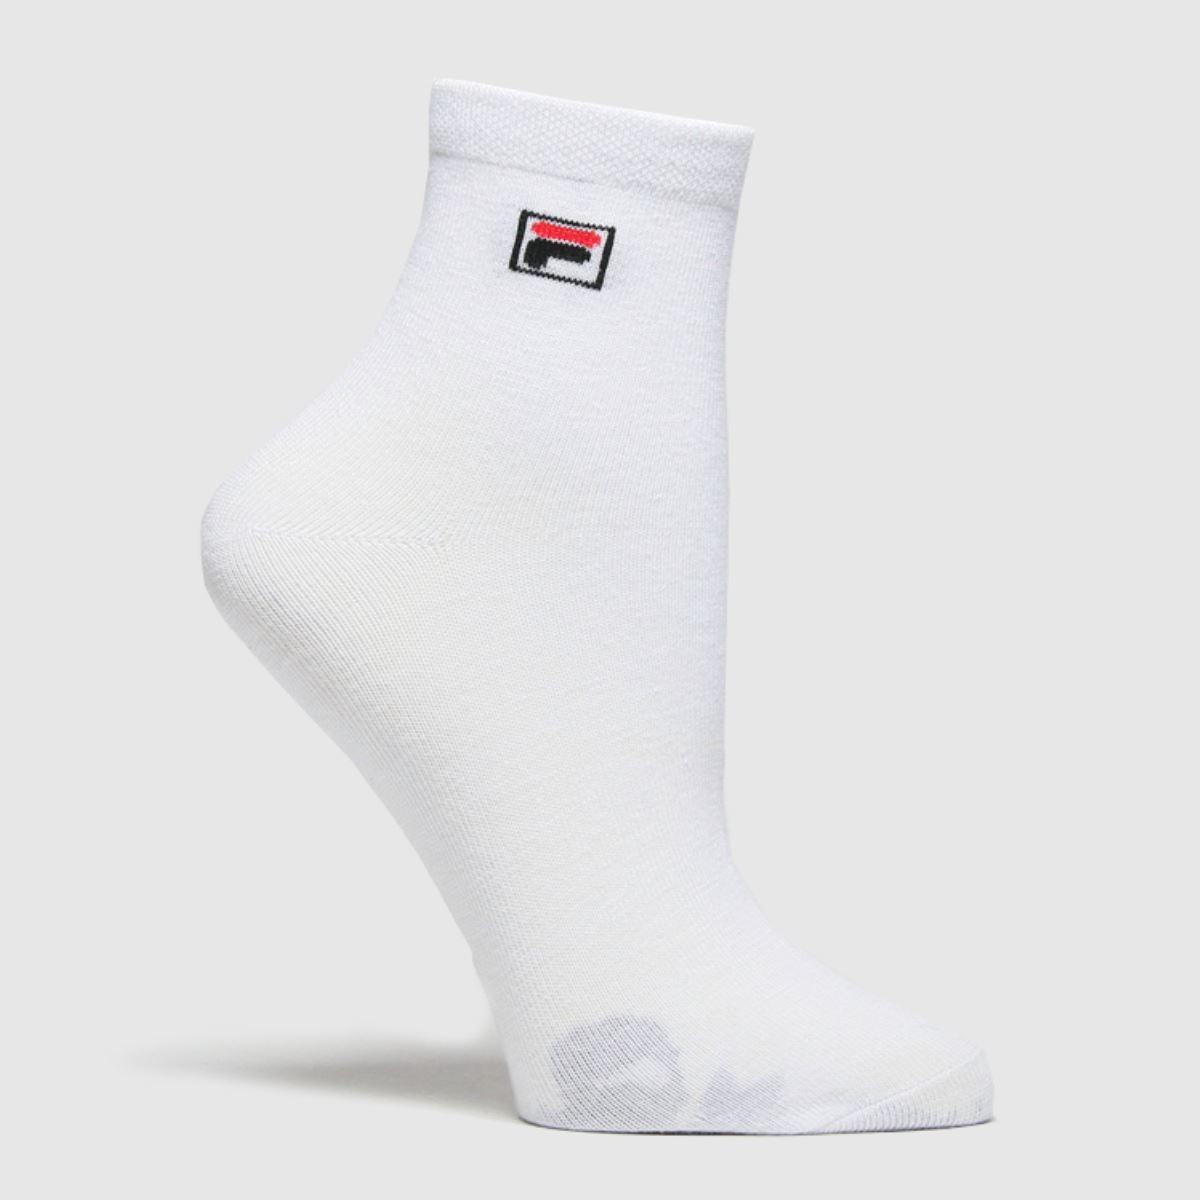 Accessories Fila White Quarter Socks 3 Pk